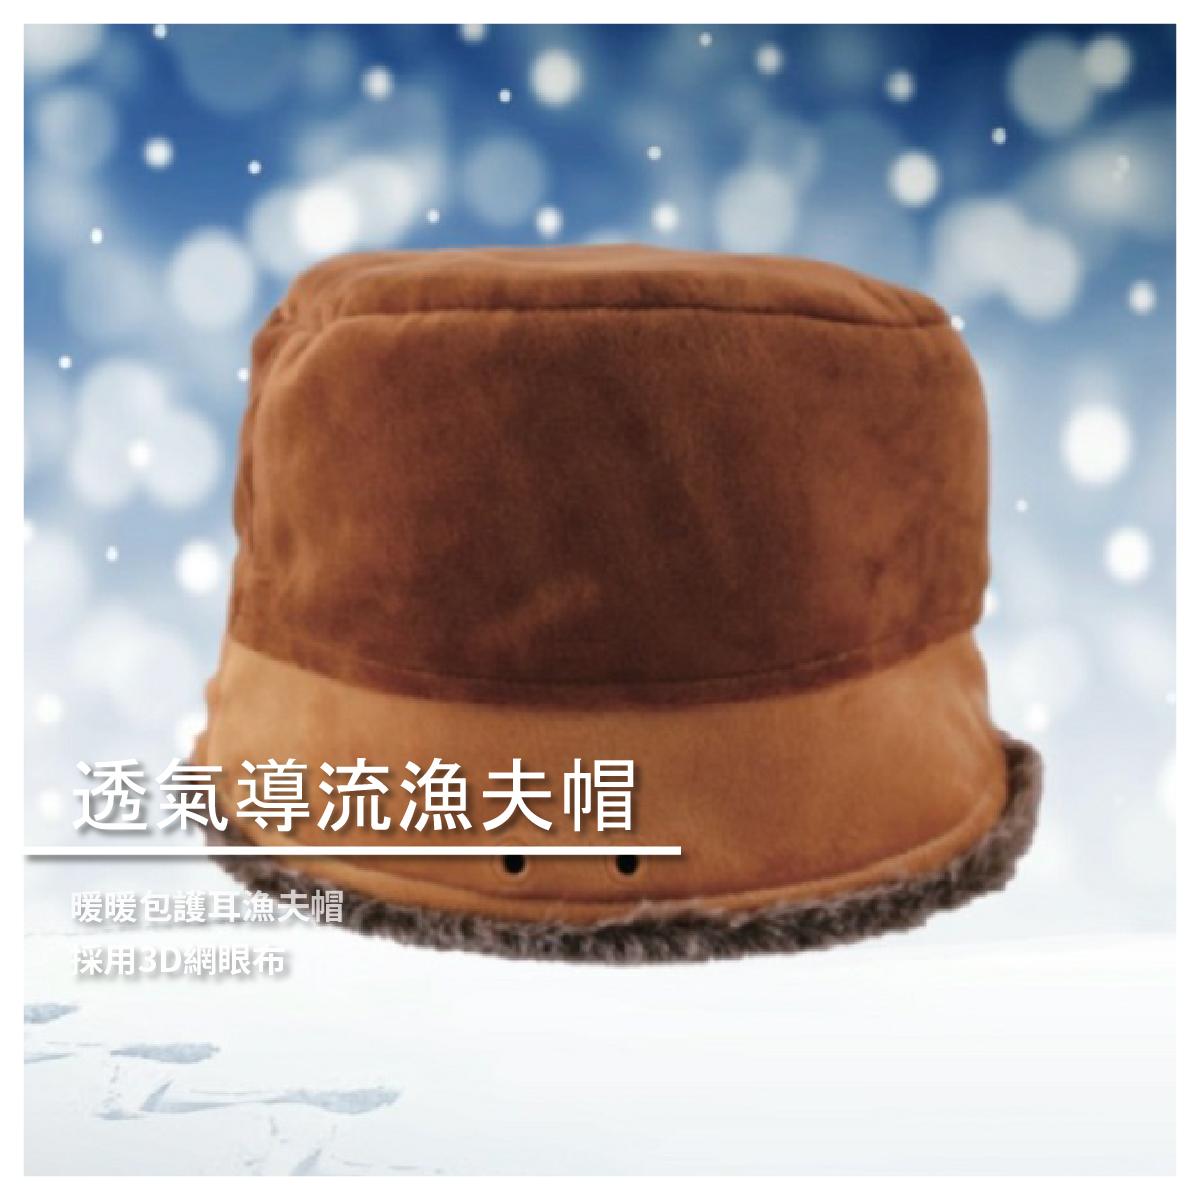 【Warm Warm Bee 暖暖蜜蜂】★聖誕特惠★透氣導流漁夫帽(共6色)